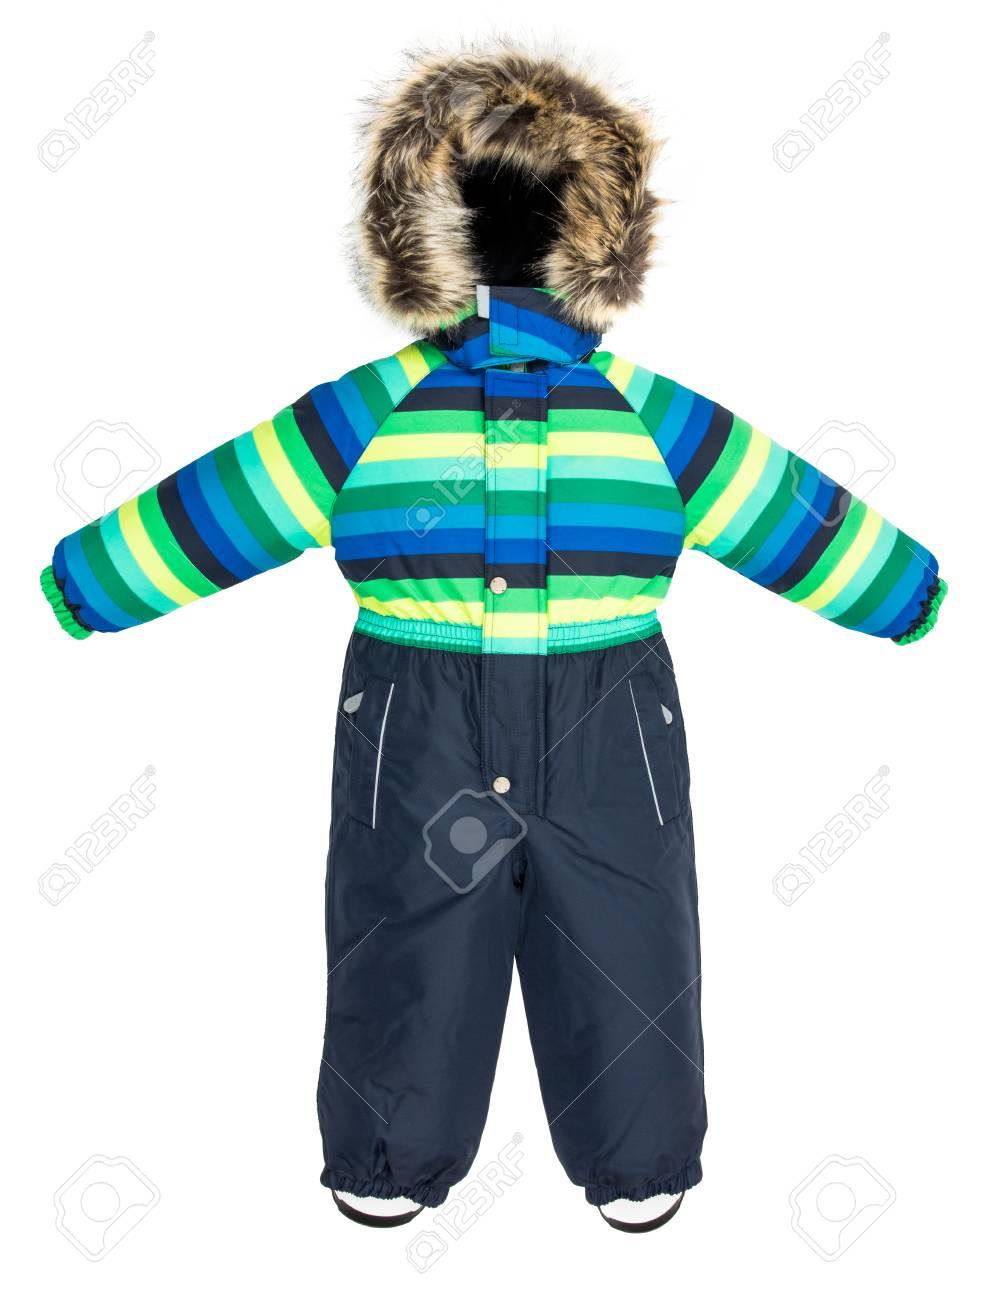 58195b006913f2 La tuta da jeans per bambini è caduta su uno sfondo bianco Archivio  Fotografico - 48880746